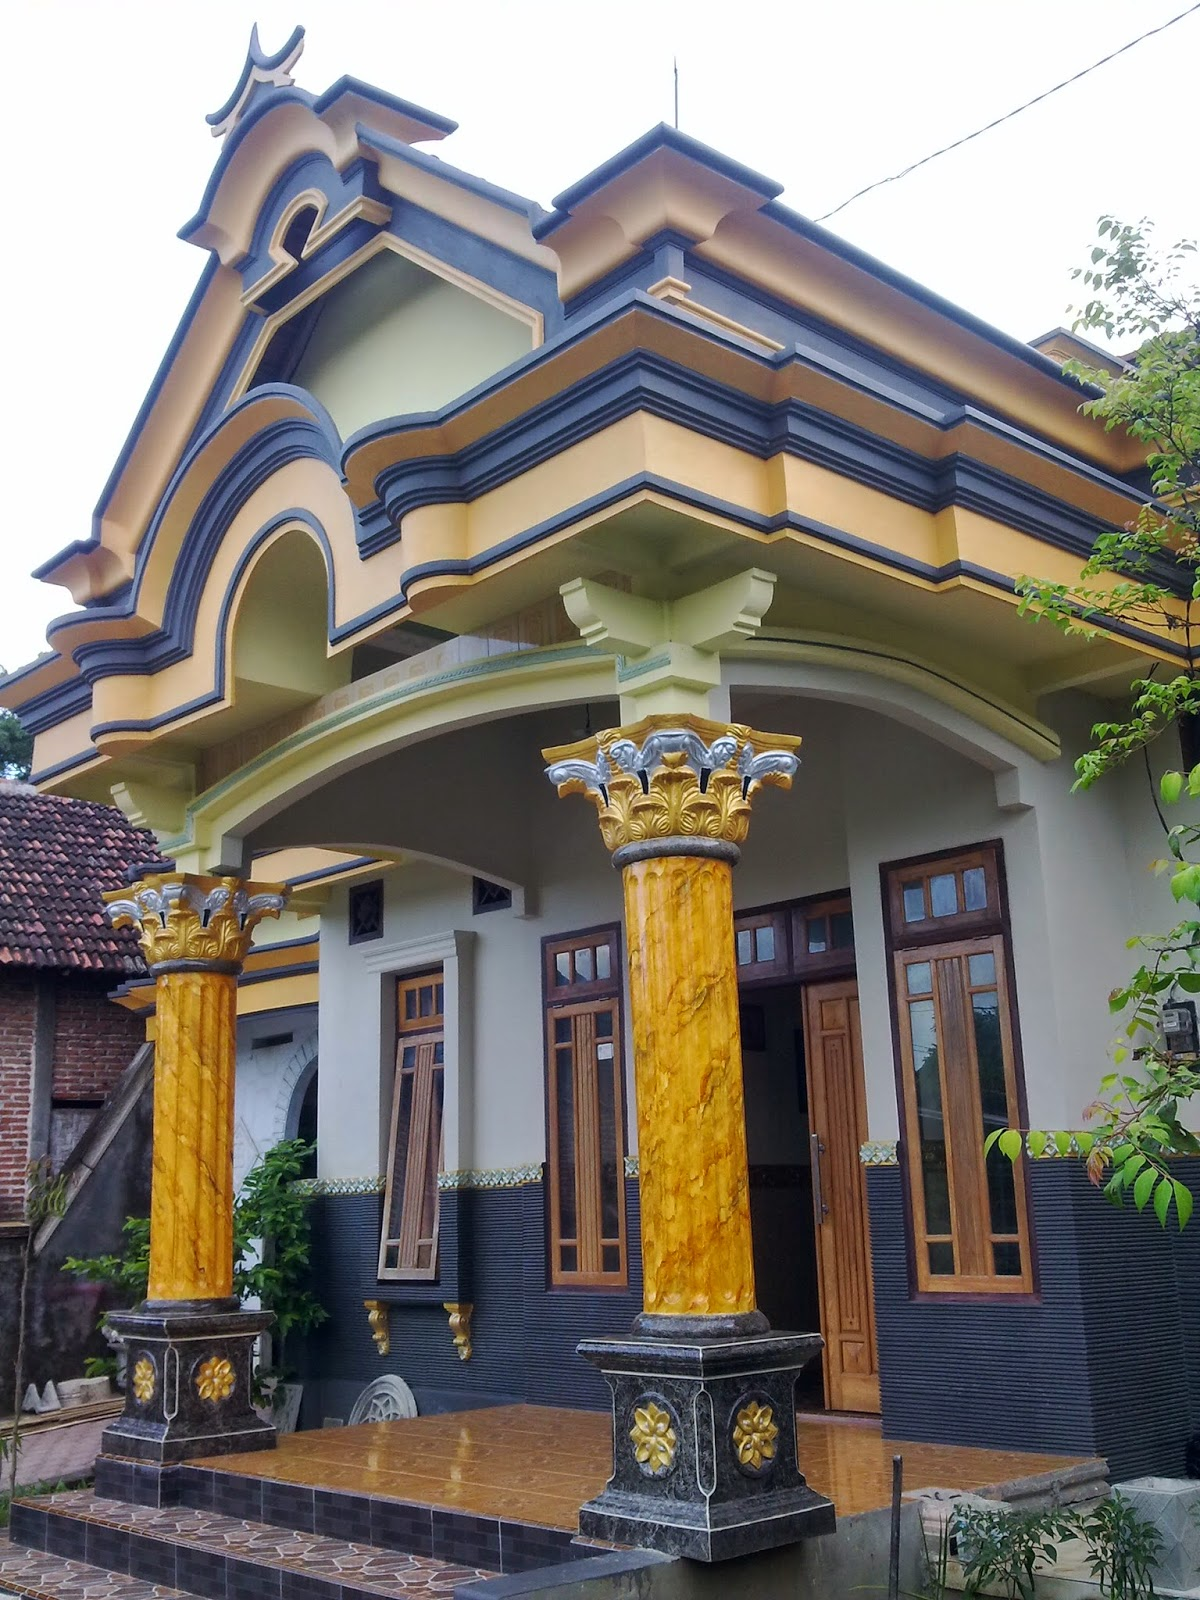 65 Lisplang Teras Rumah Joglo Sisi Rumah Minimalis